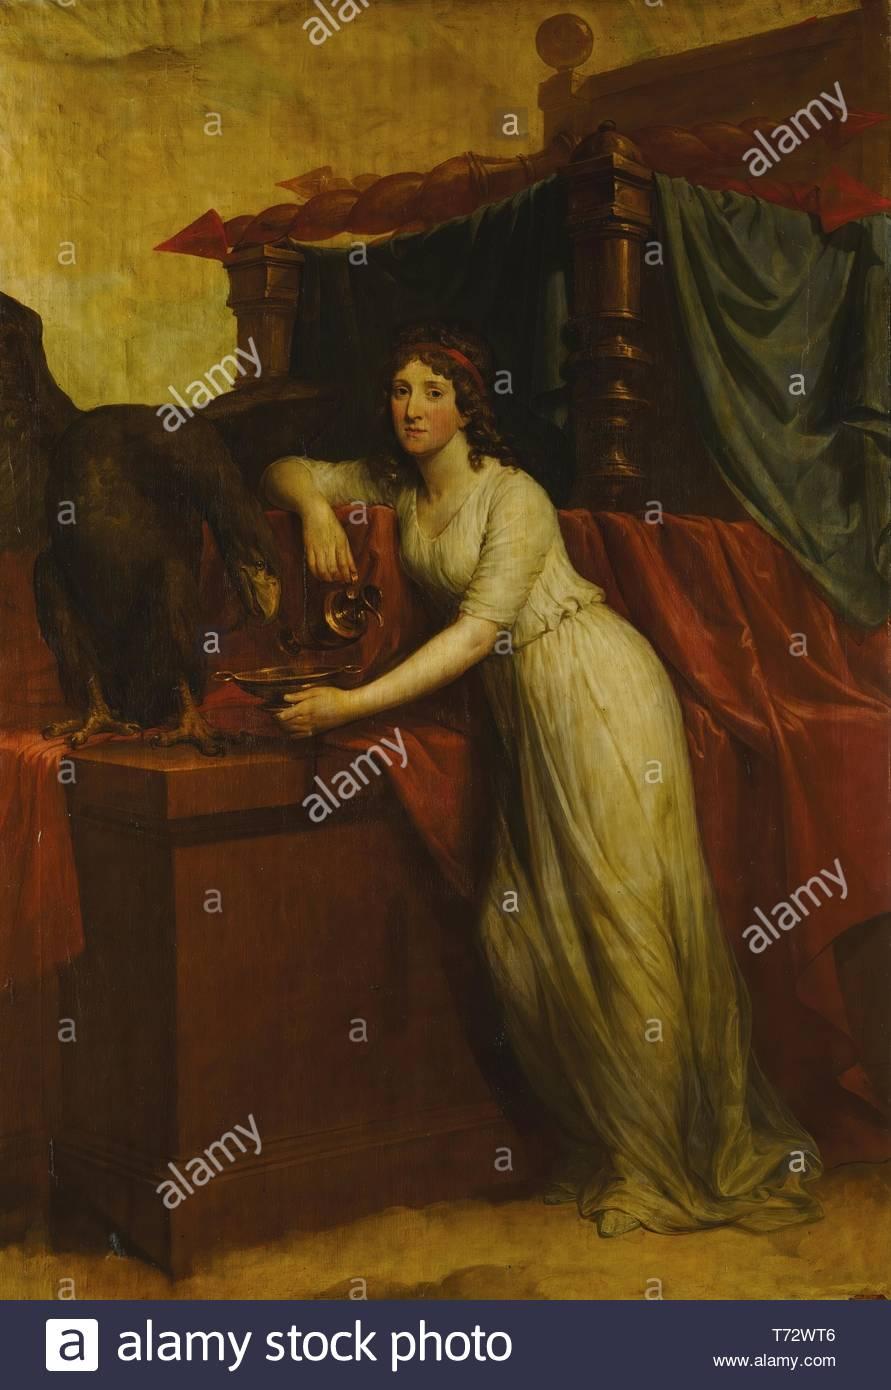 Hugh Douglas Hamilton-Portrait Of Elizabeth, Countess Of Aldborough, As Hebe - Stock Image